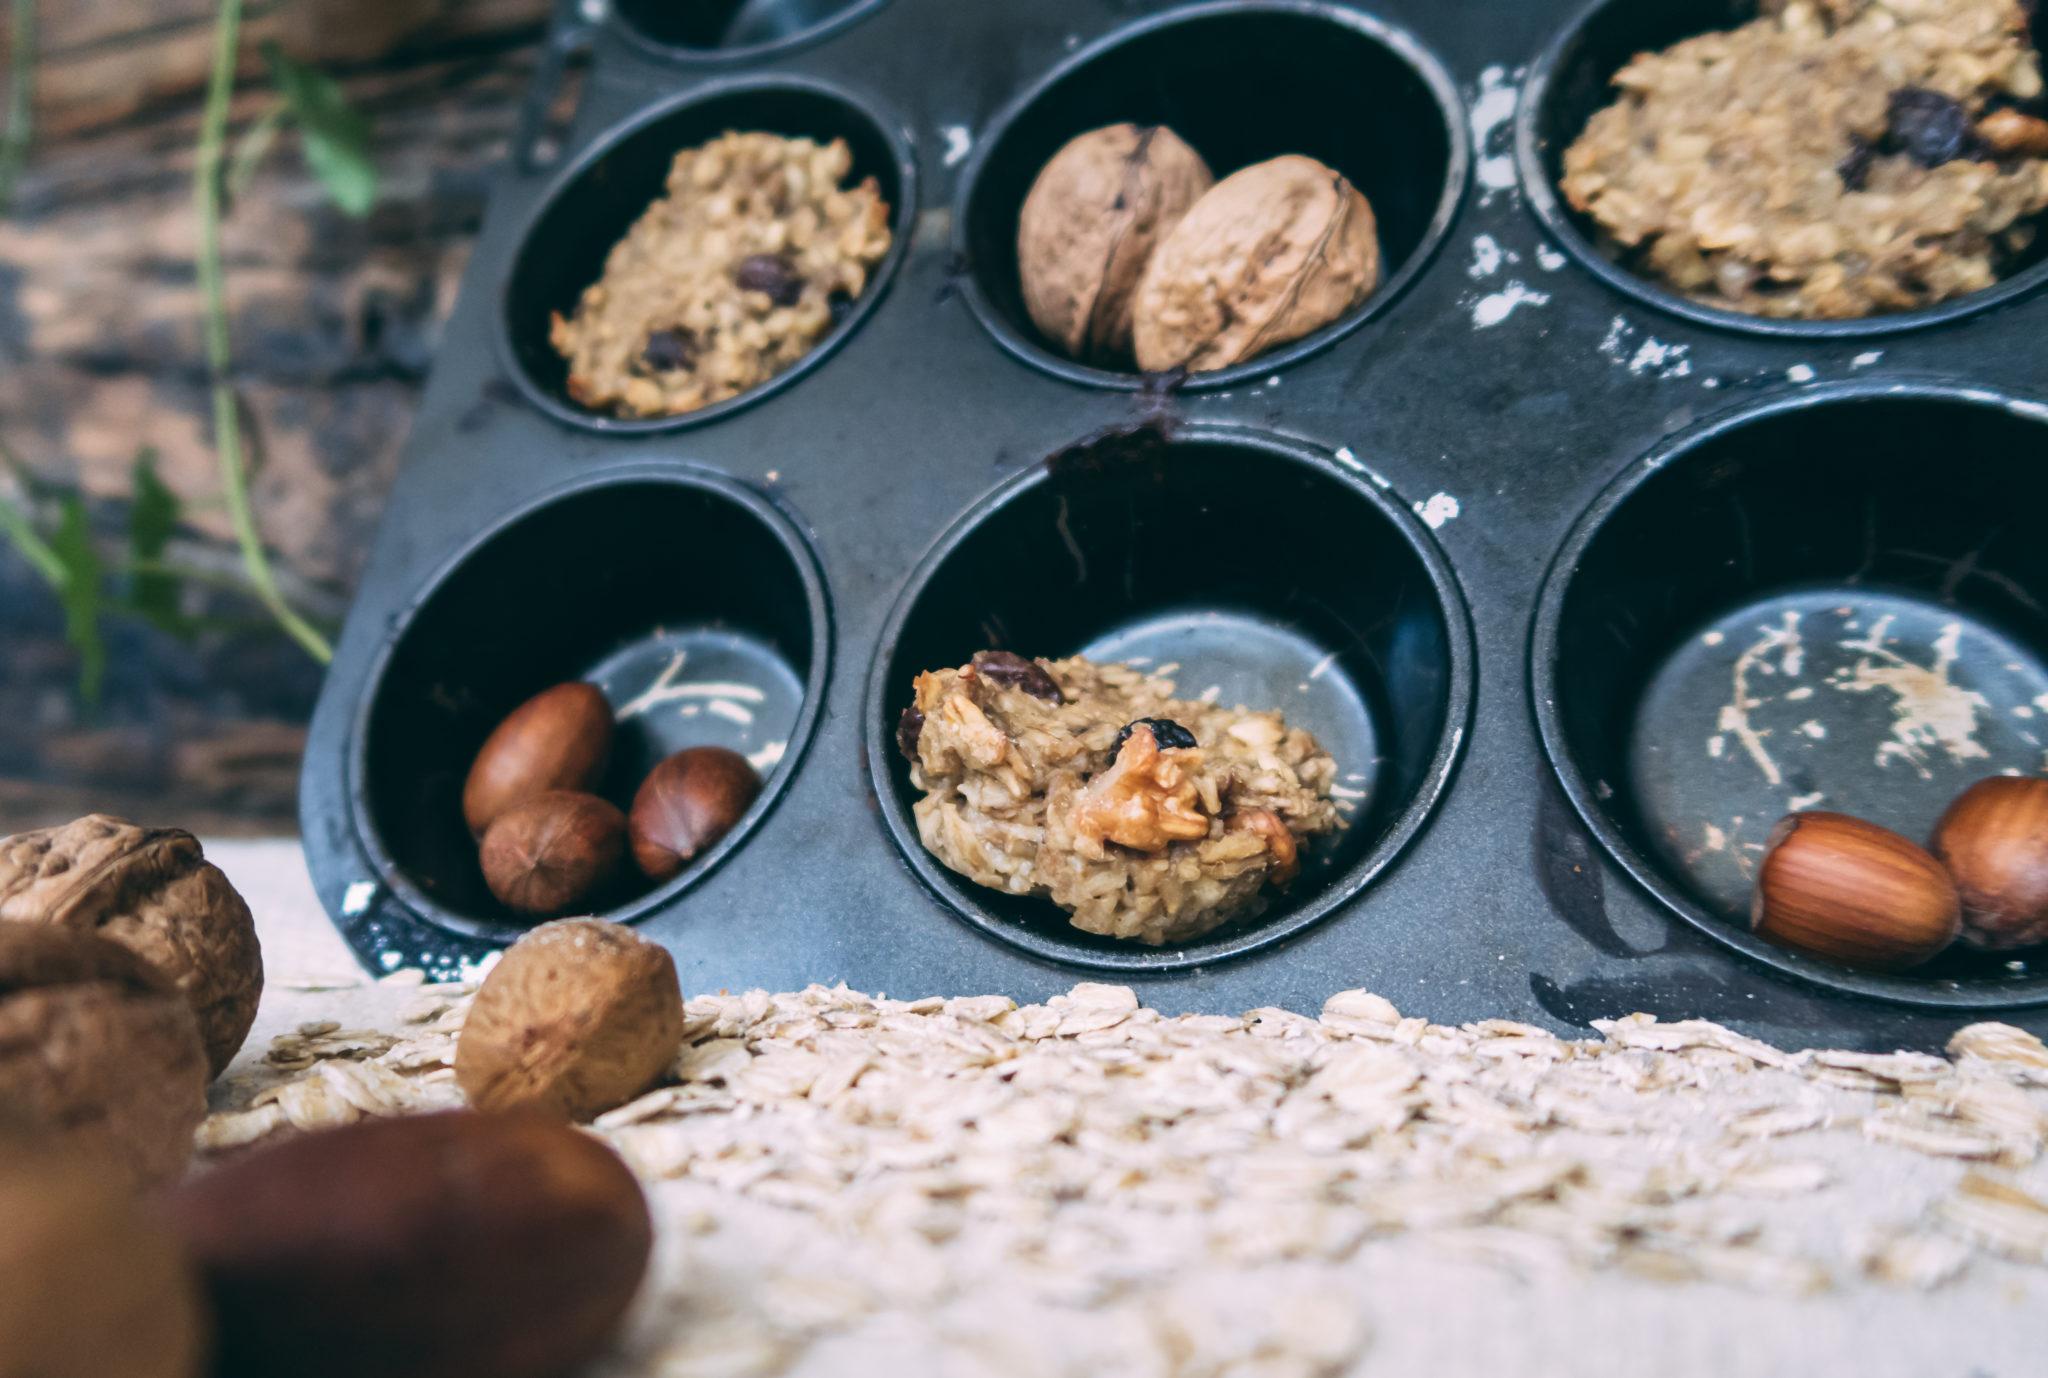 Müsli-Muffins: Für einen ausgewogenen Start in den Tag